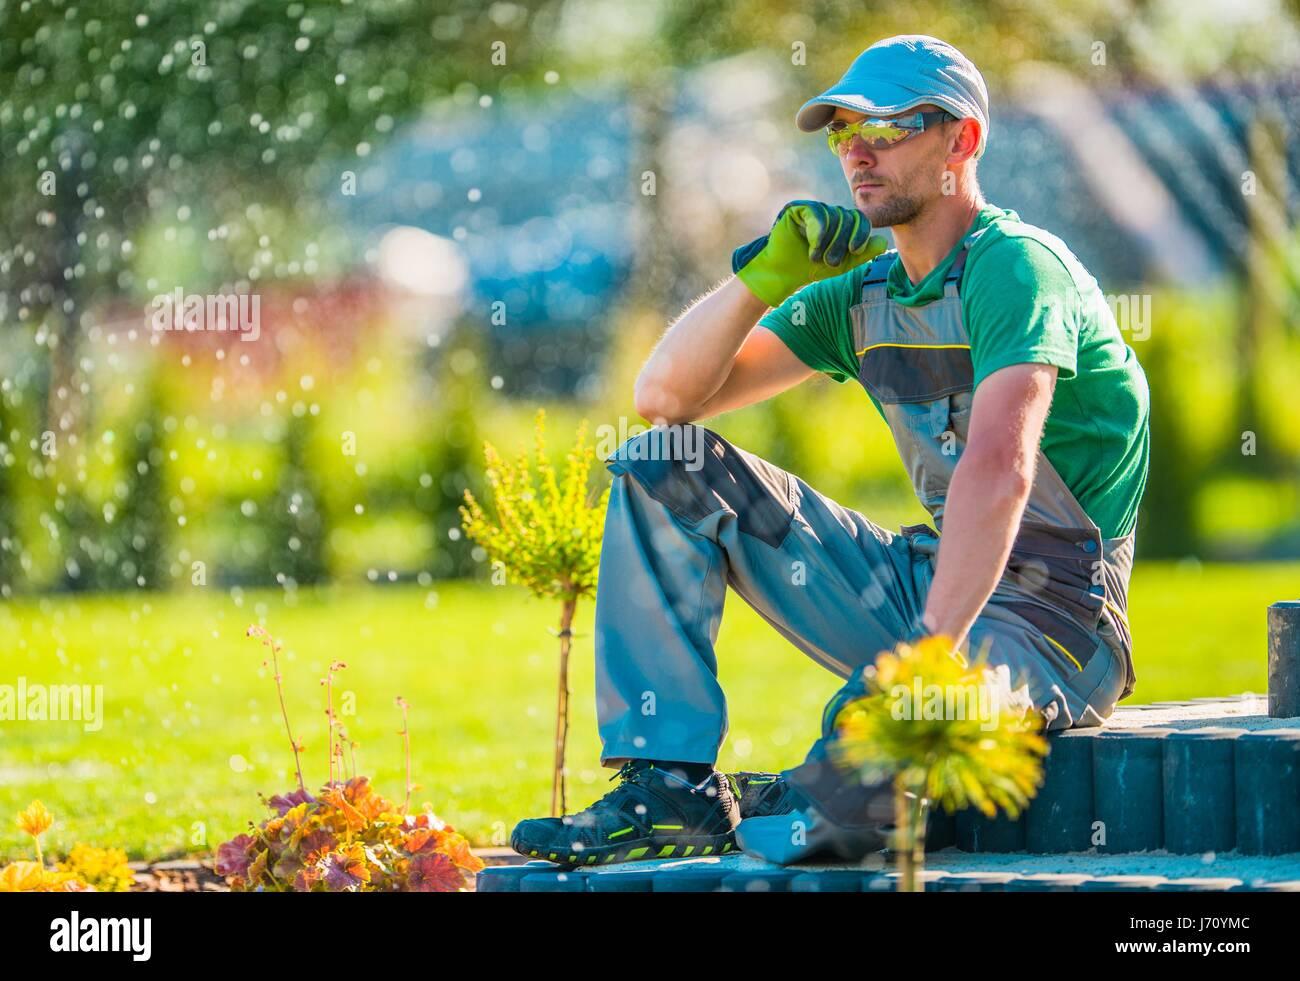 Portrait professionnel Concepteur de jardin dans la trentaine de prendre Pause de repenser l'aménagement Photo Stock